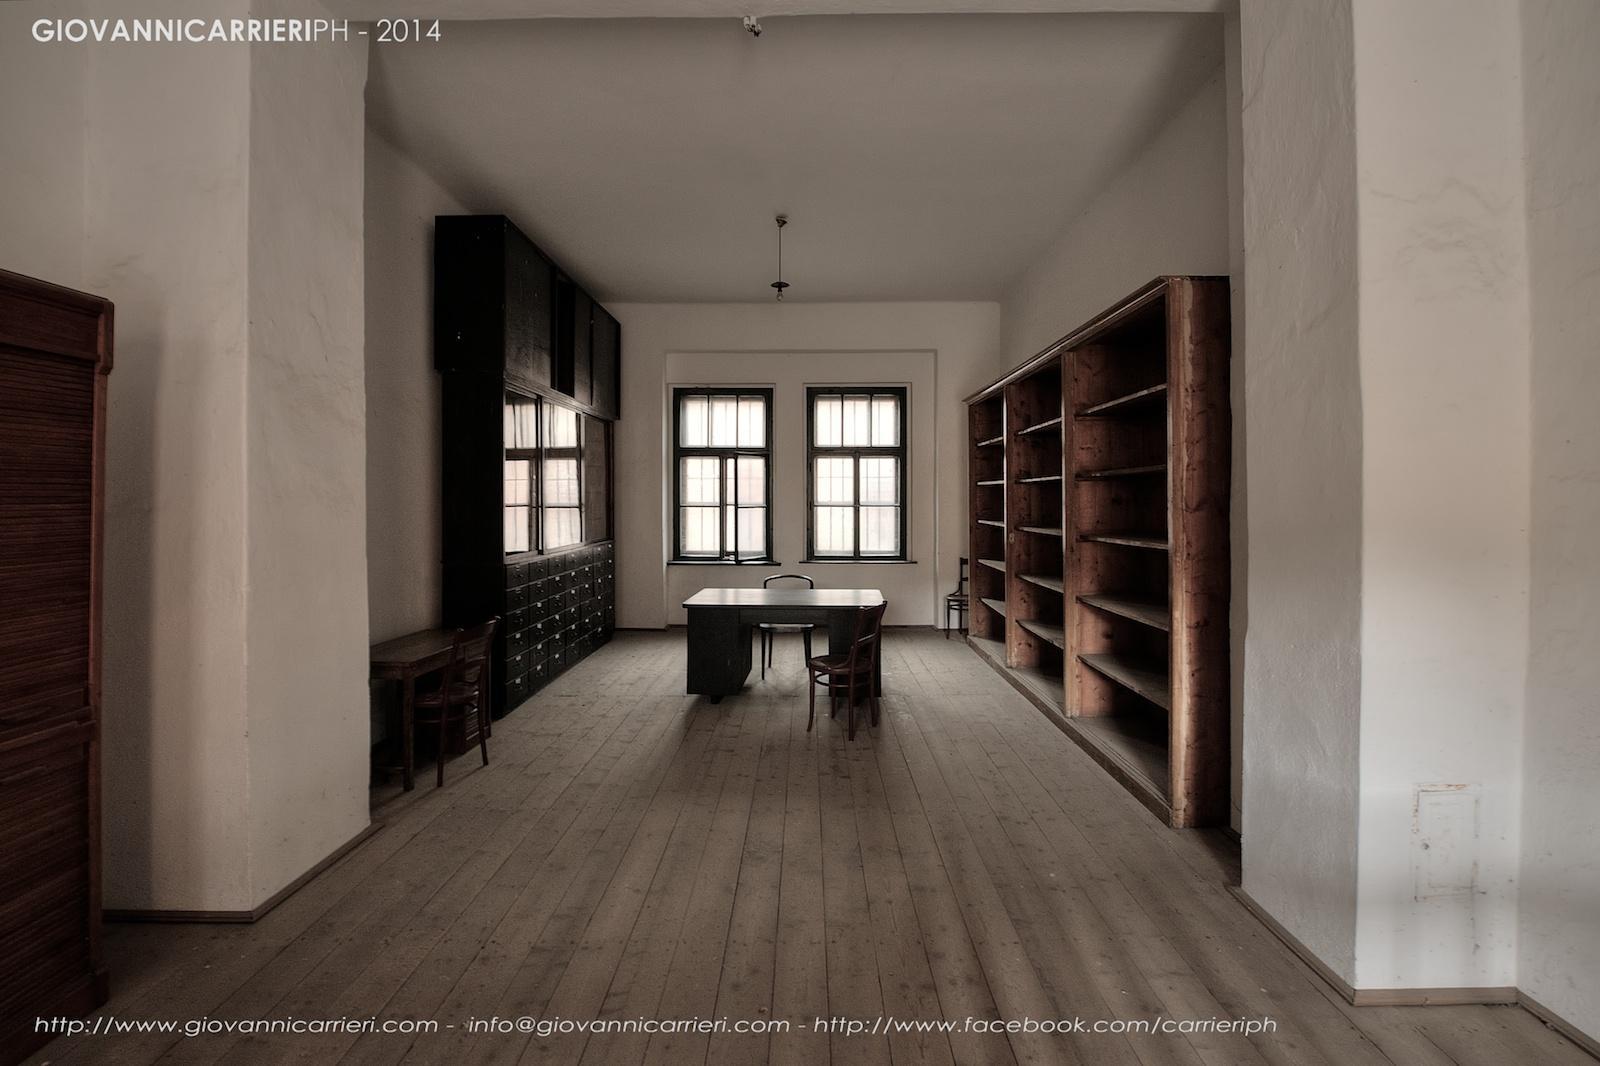 Il magazzino degli abiti, i prigionieri erano costretti a spogliarsi ed a indossare uniformi scartate di eserciti sconfitti. Theresienstadt